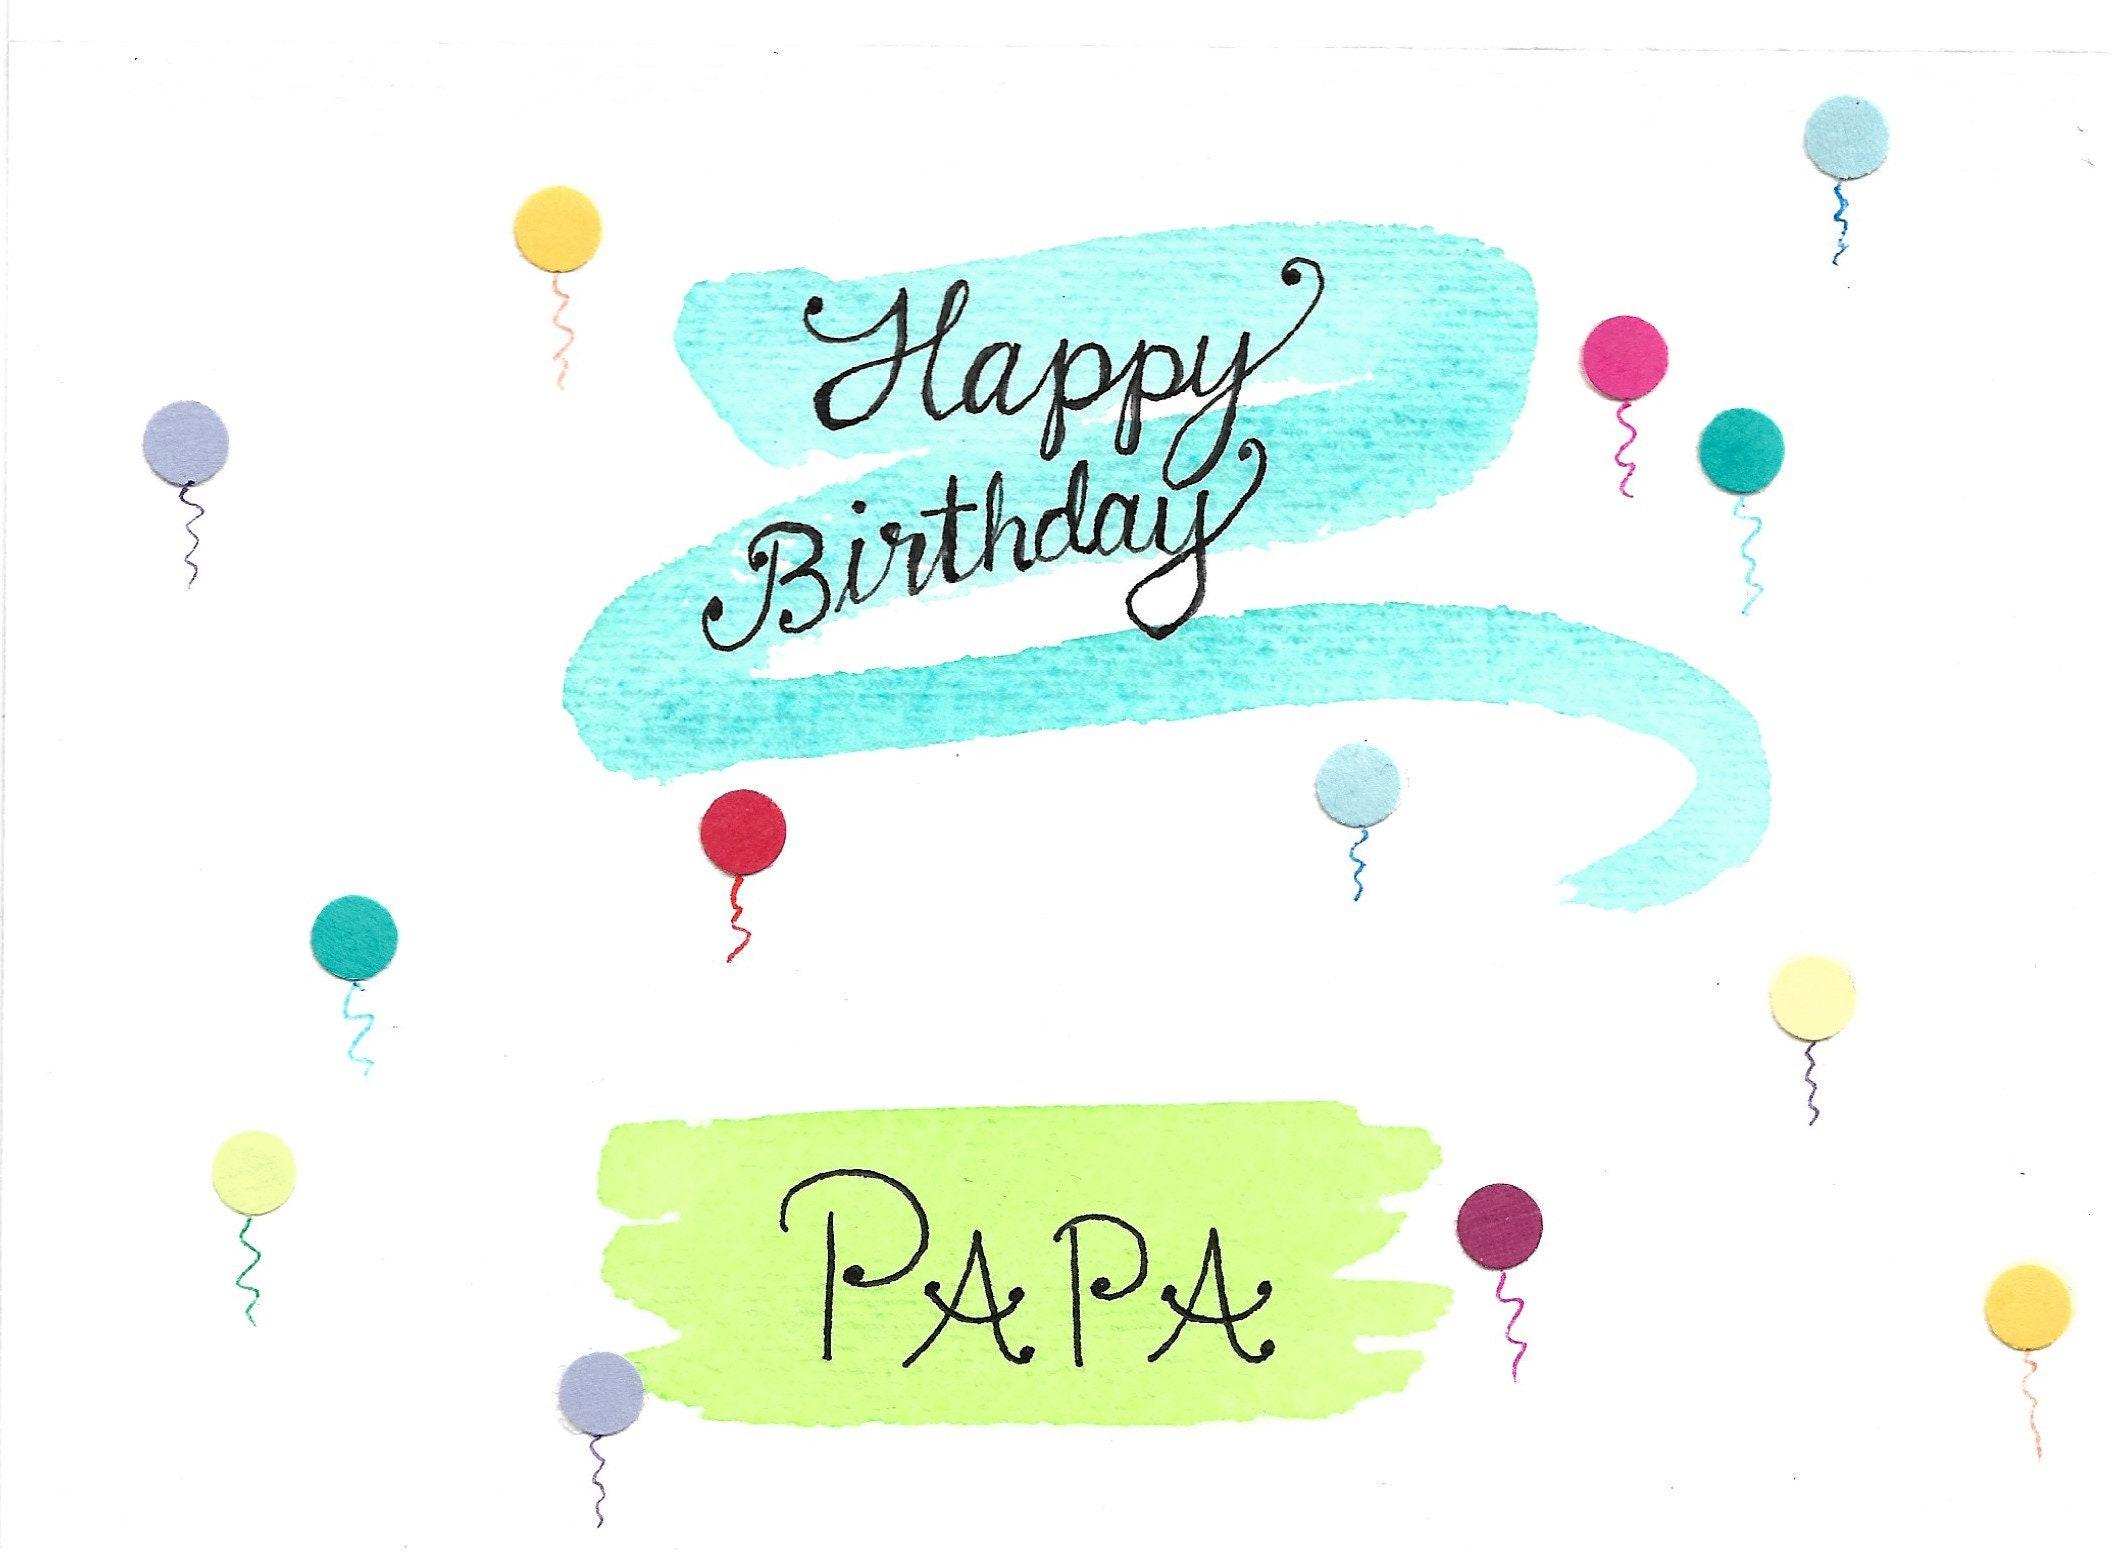 Papa Birthday Card Balloons Happy Birthday Papa Card With A Etsy